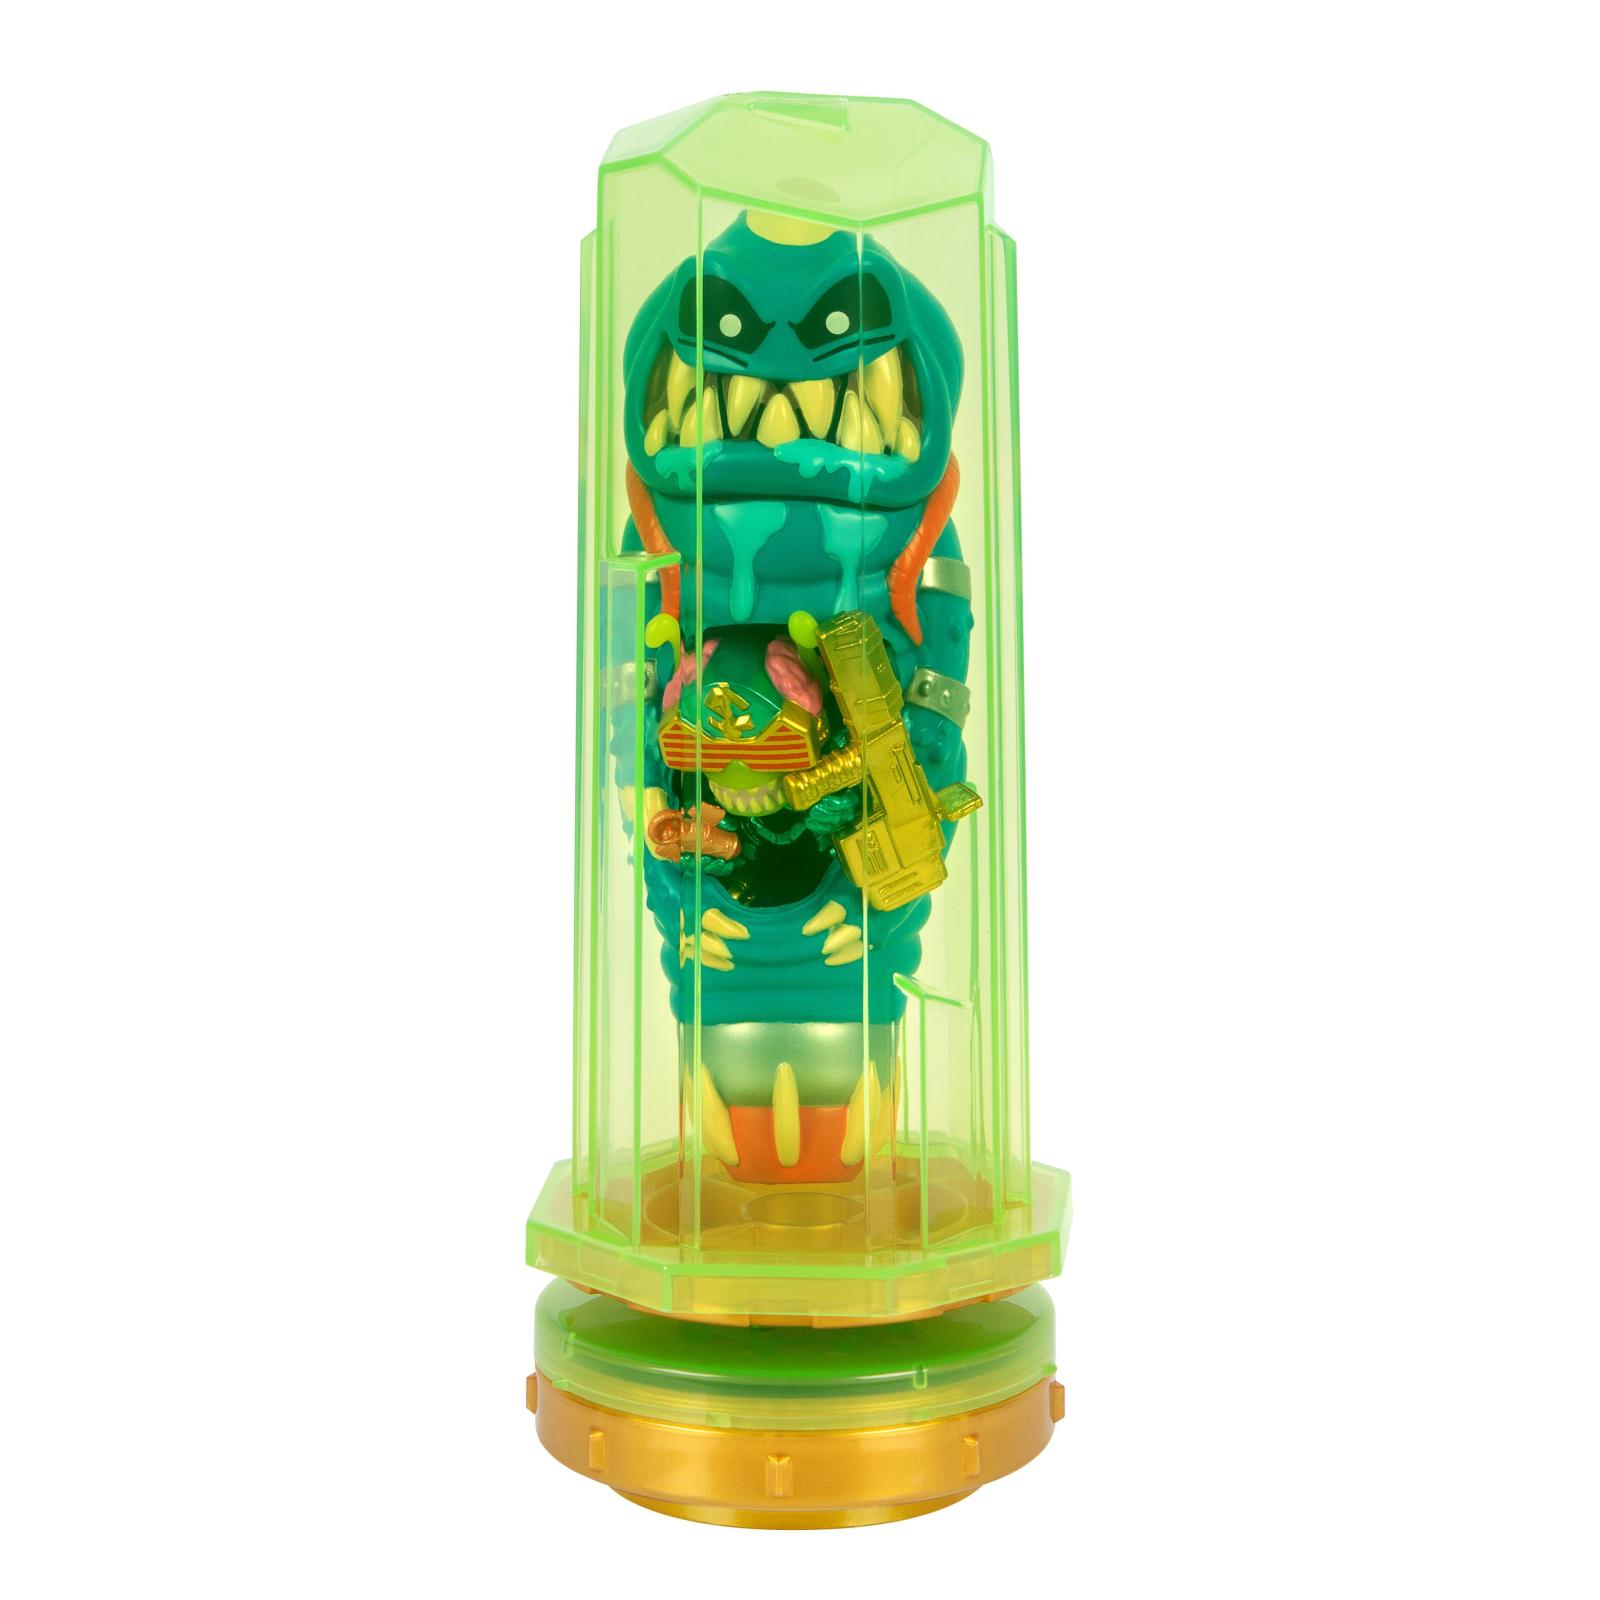 Игровой набор Moose сюрприз Treasure X Alien (41542) изображение 3